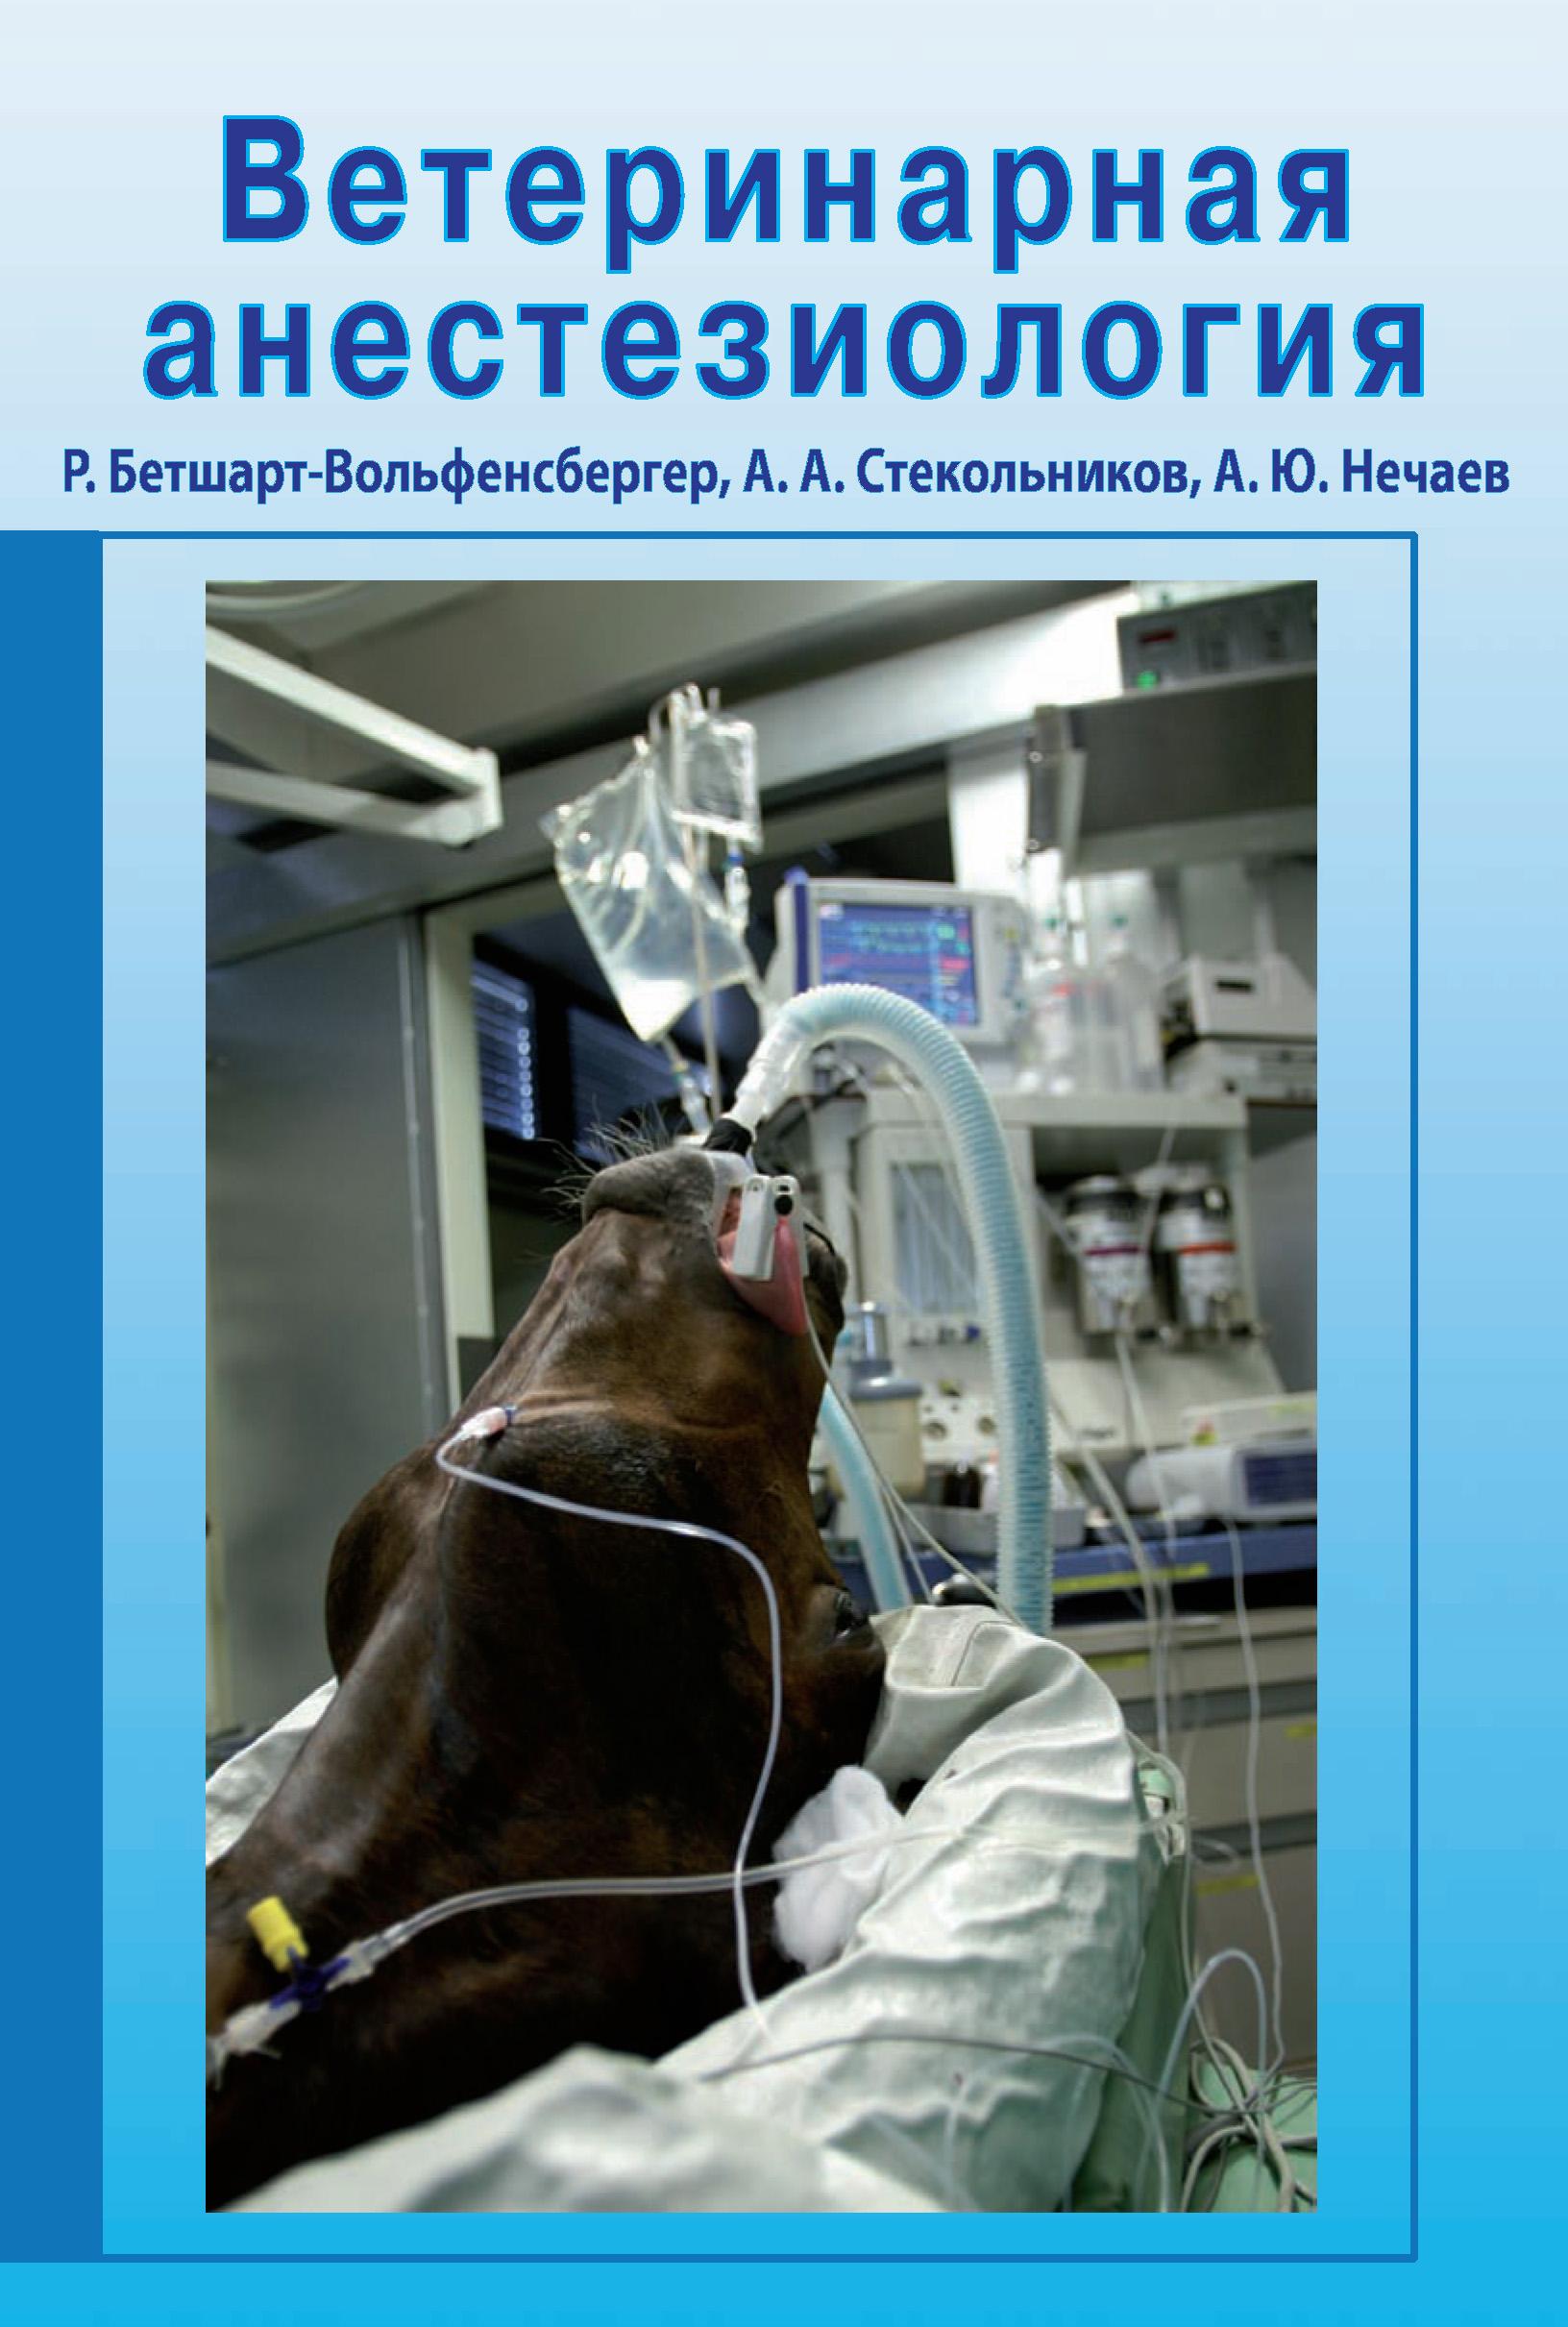 Ветеринарная анестезиология